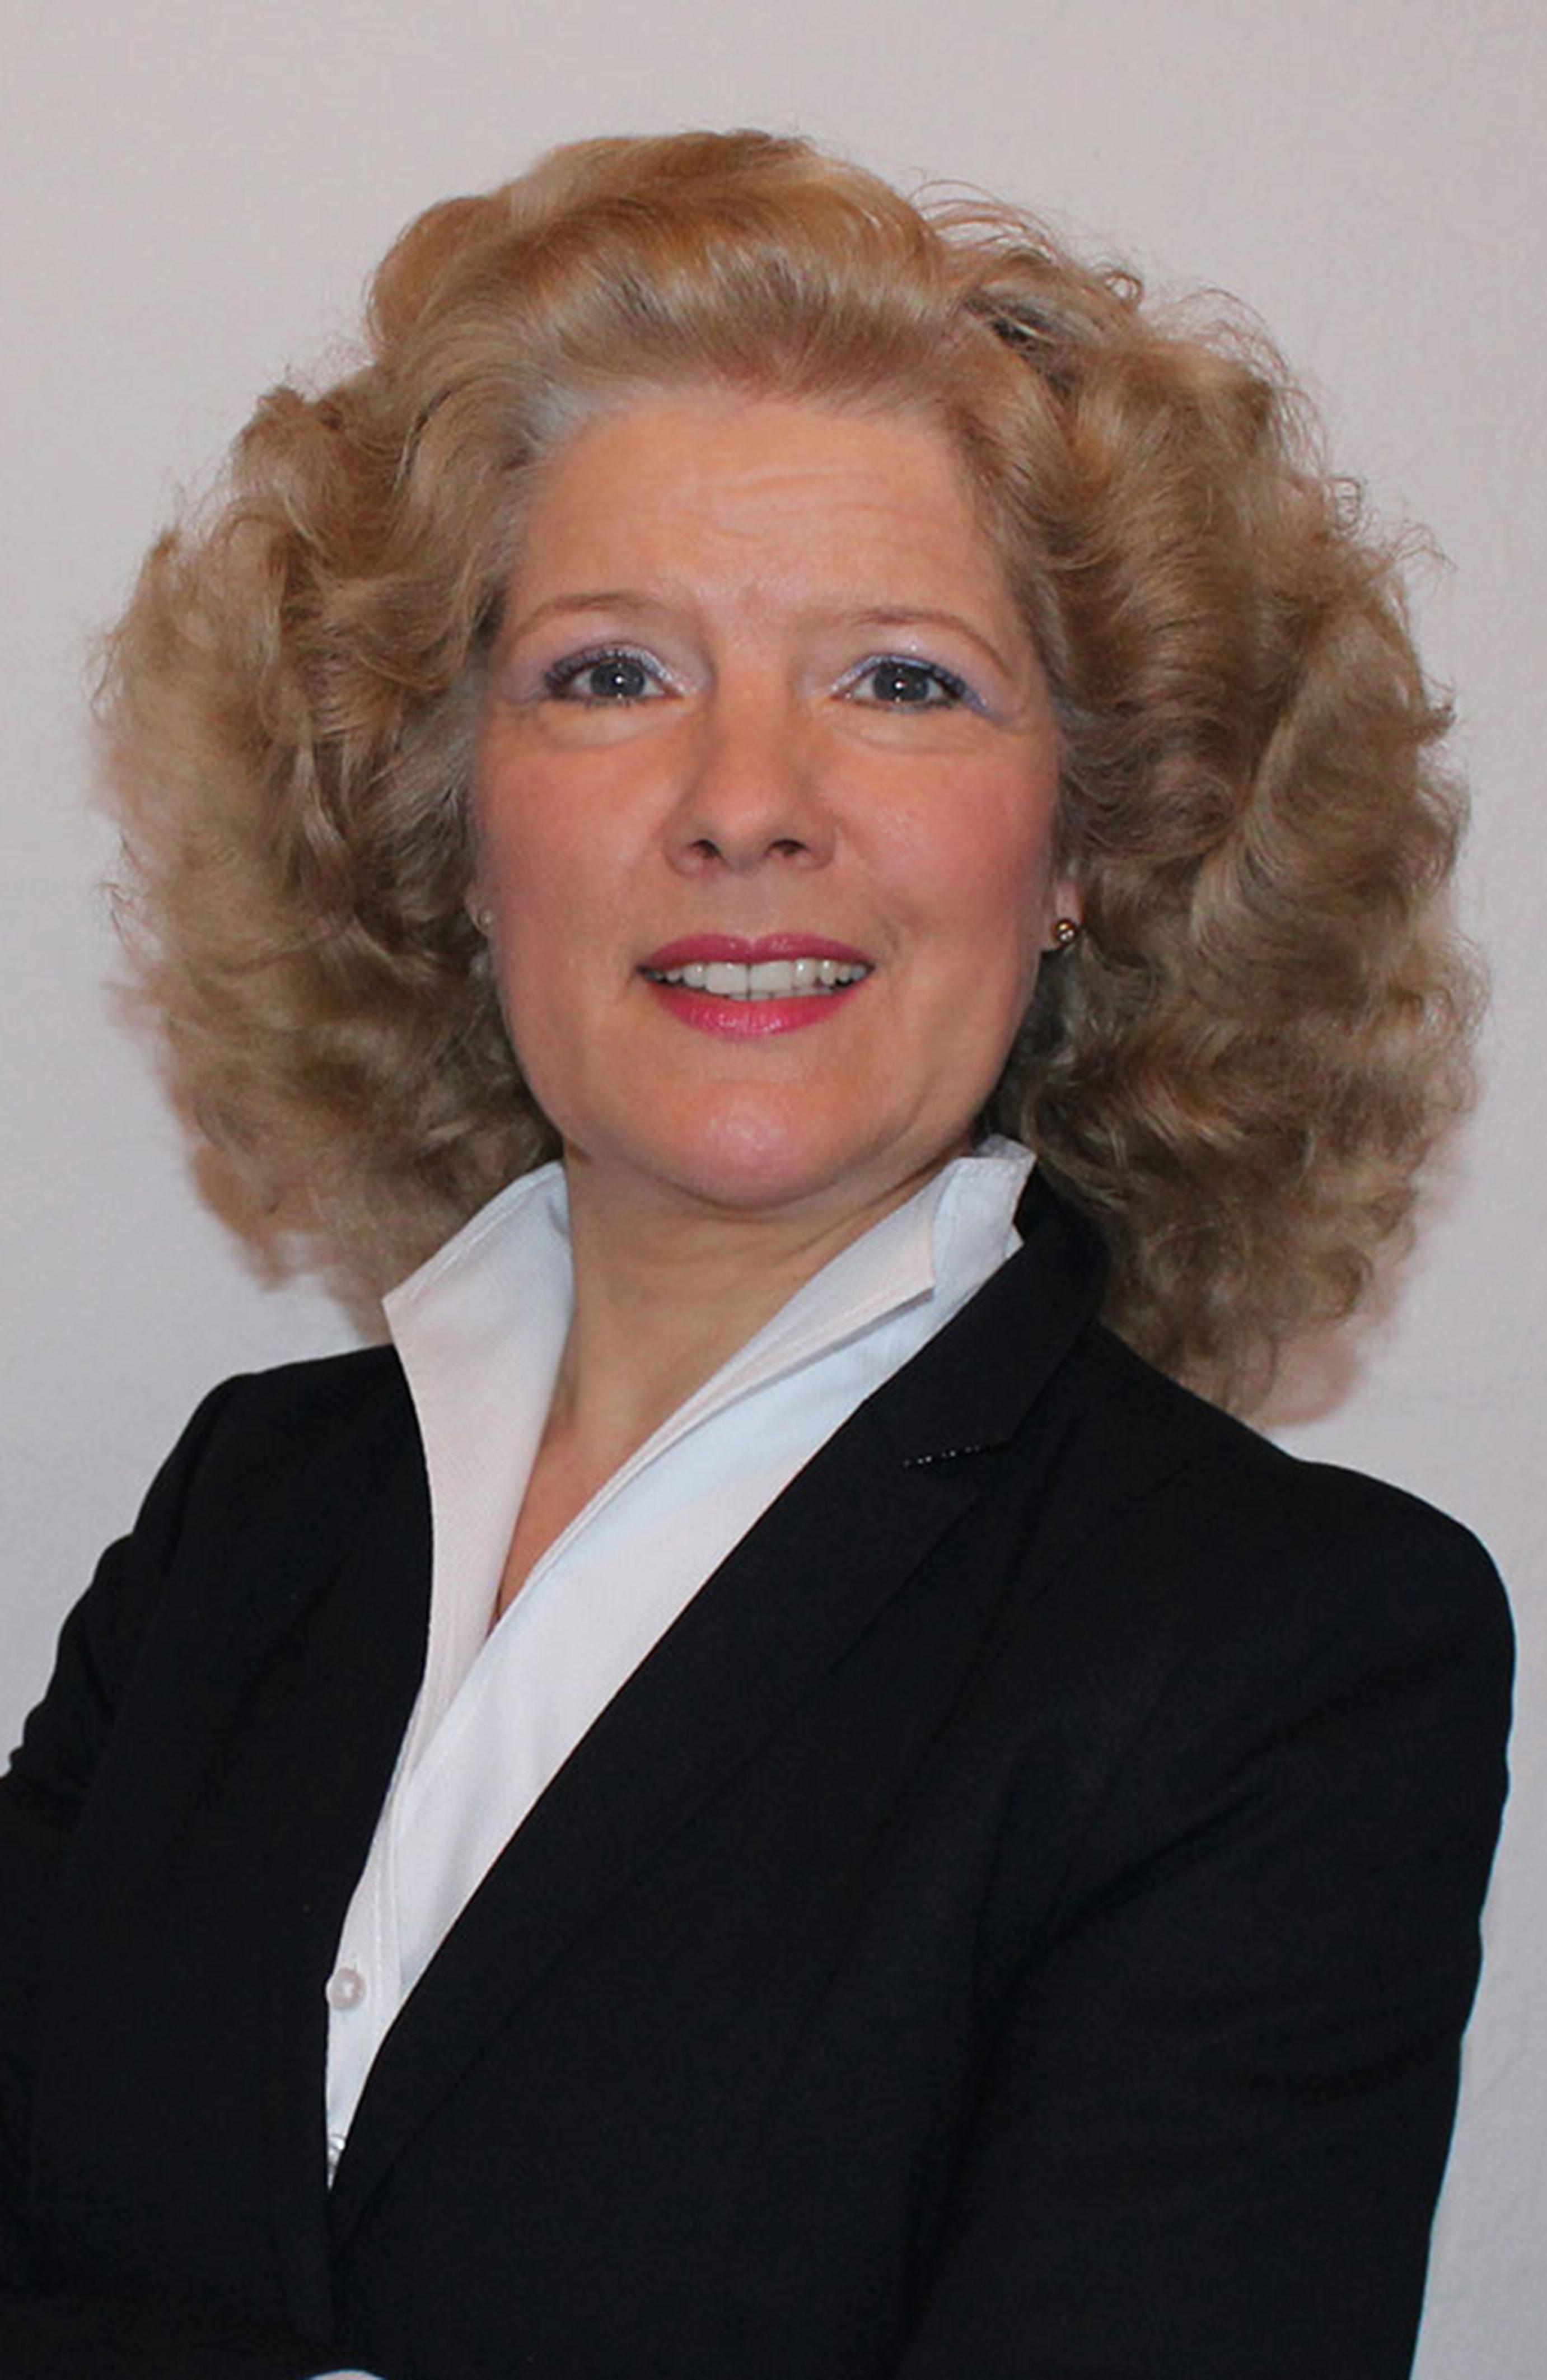 Barbara Bärbock